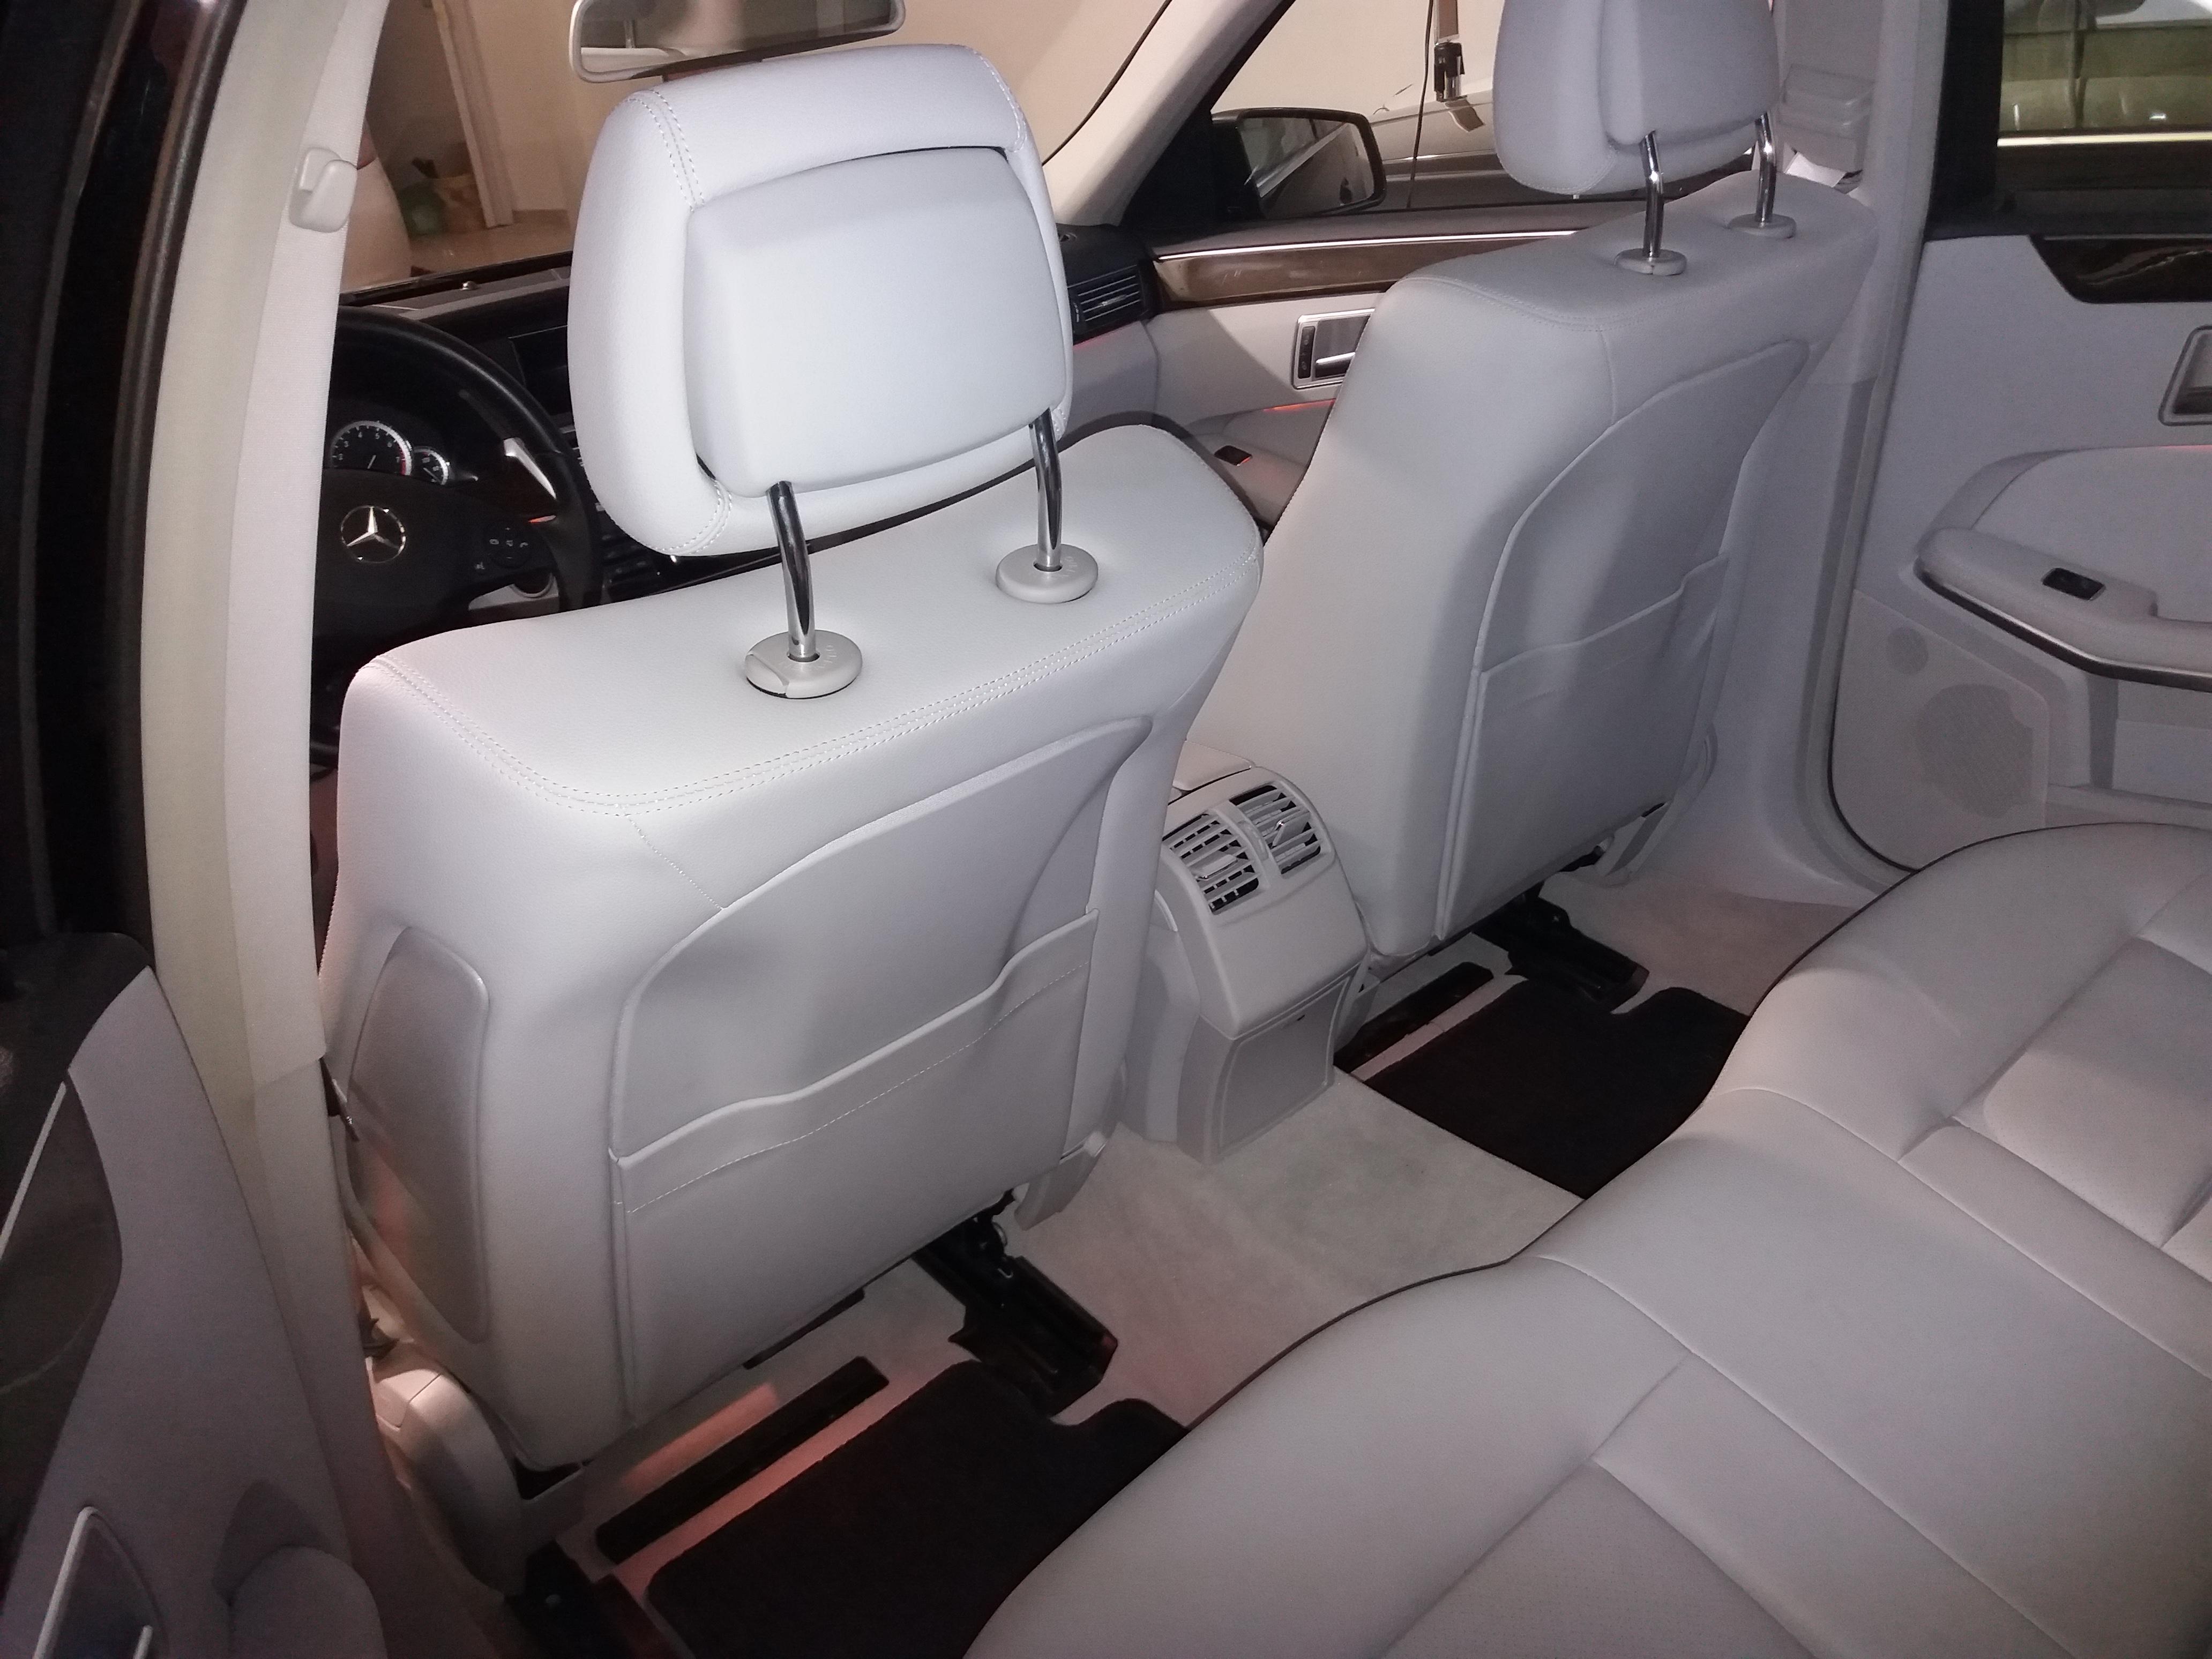 Noleggio Mercedes - foto interno